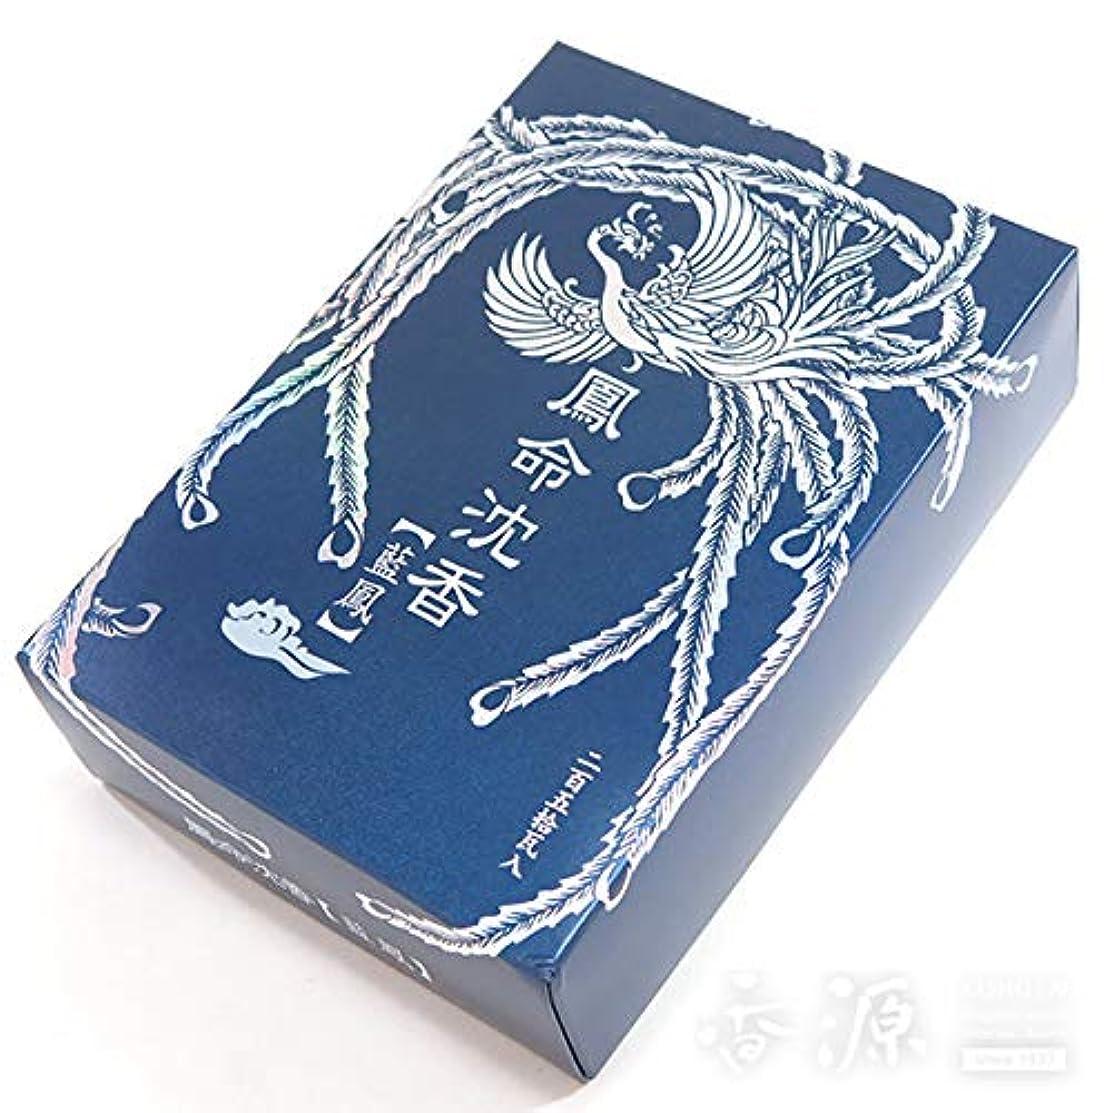 ラフト自治的できない長川仁三郎商店のお香 鳳命沈香 藍鳳 250g入